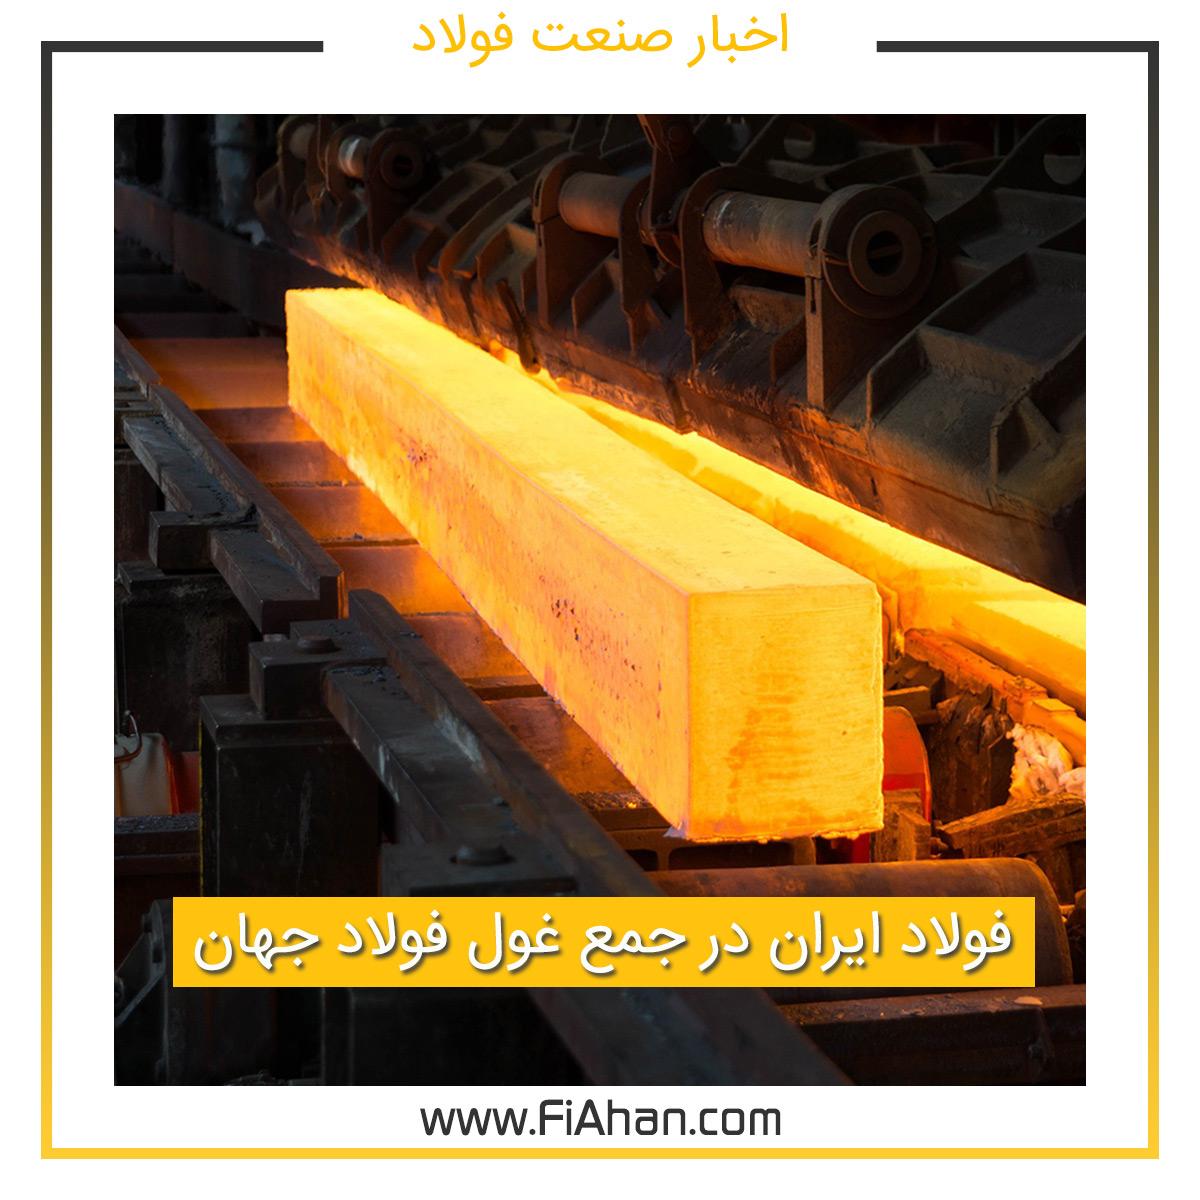 فولاد ایران در جمع غول فولاد جهان